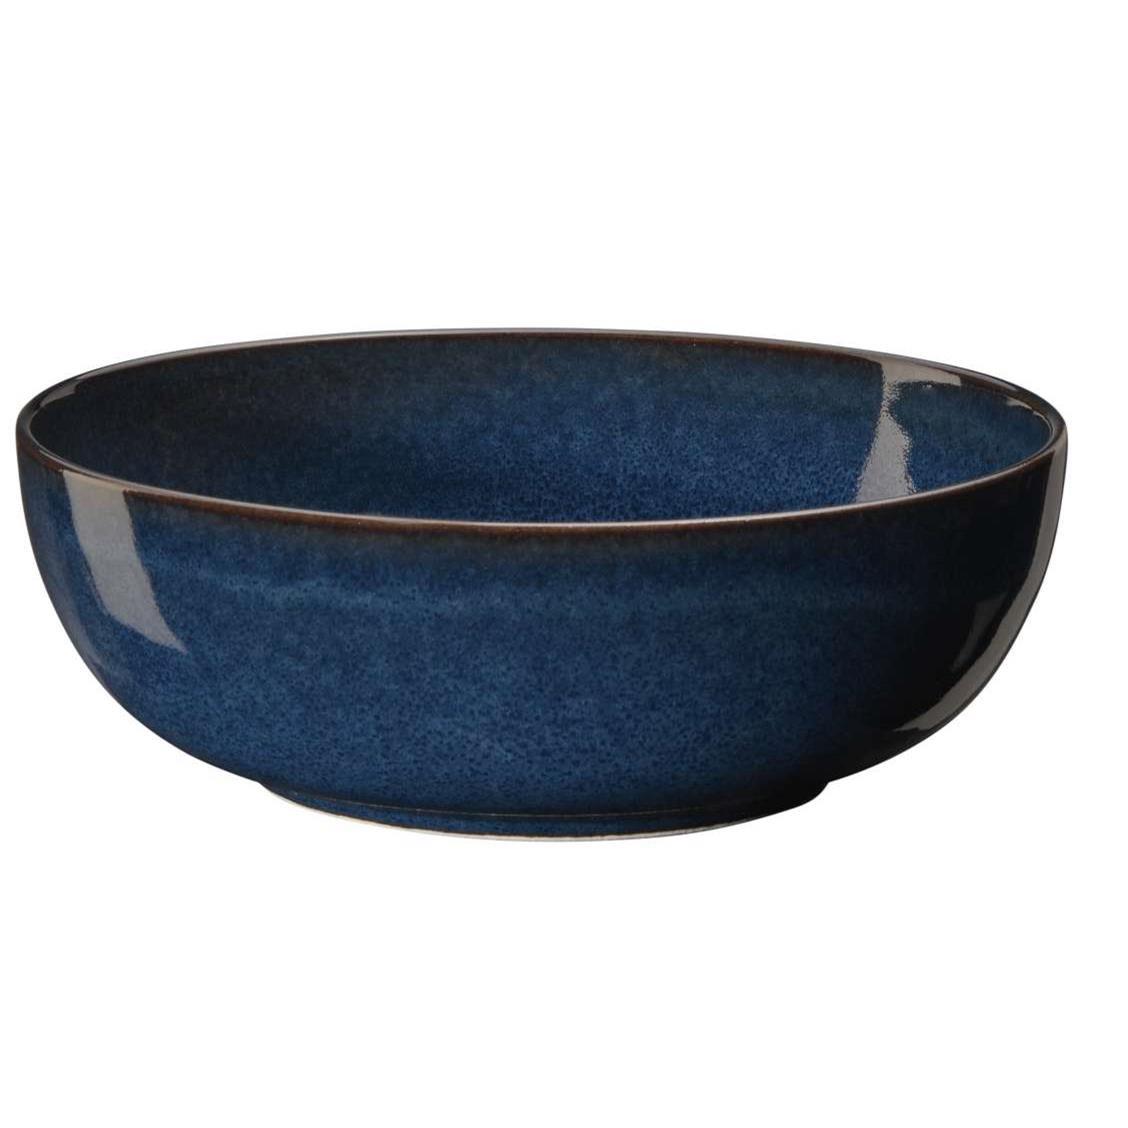 Miska SAISONS 15 cm modrá_1